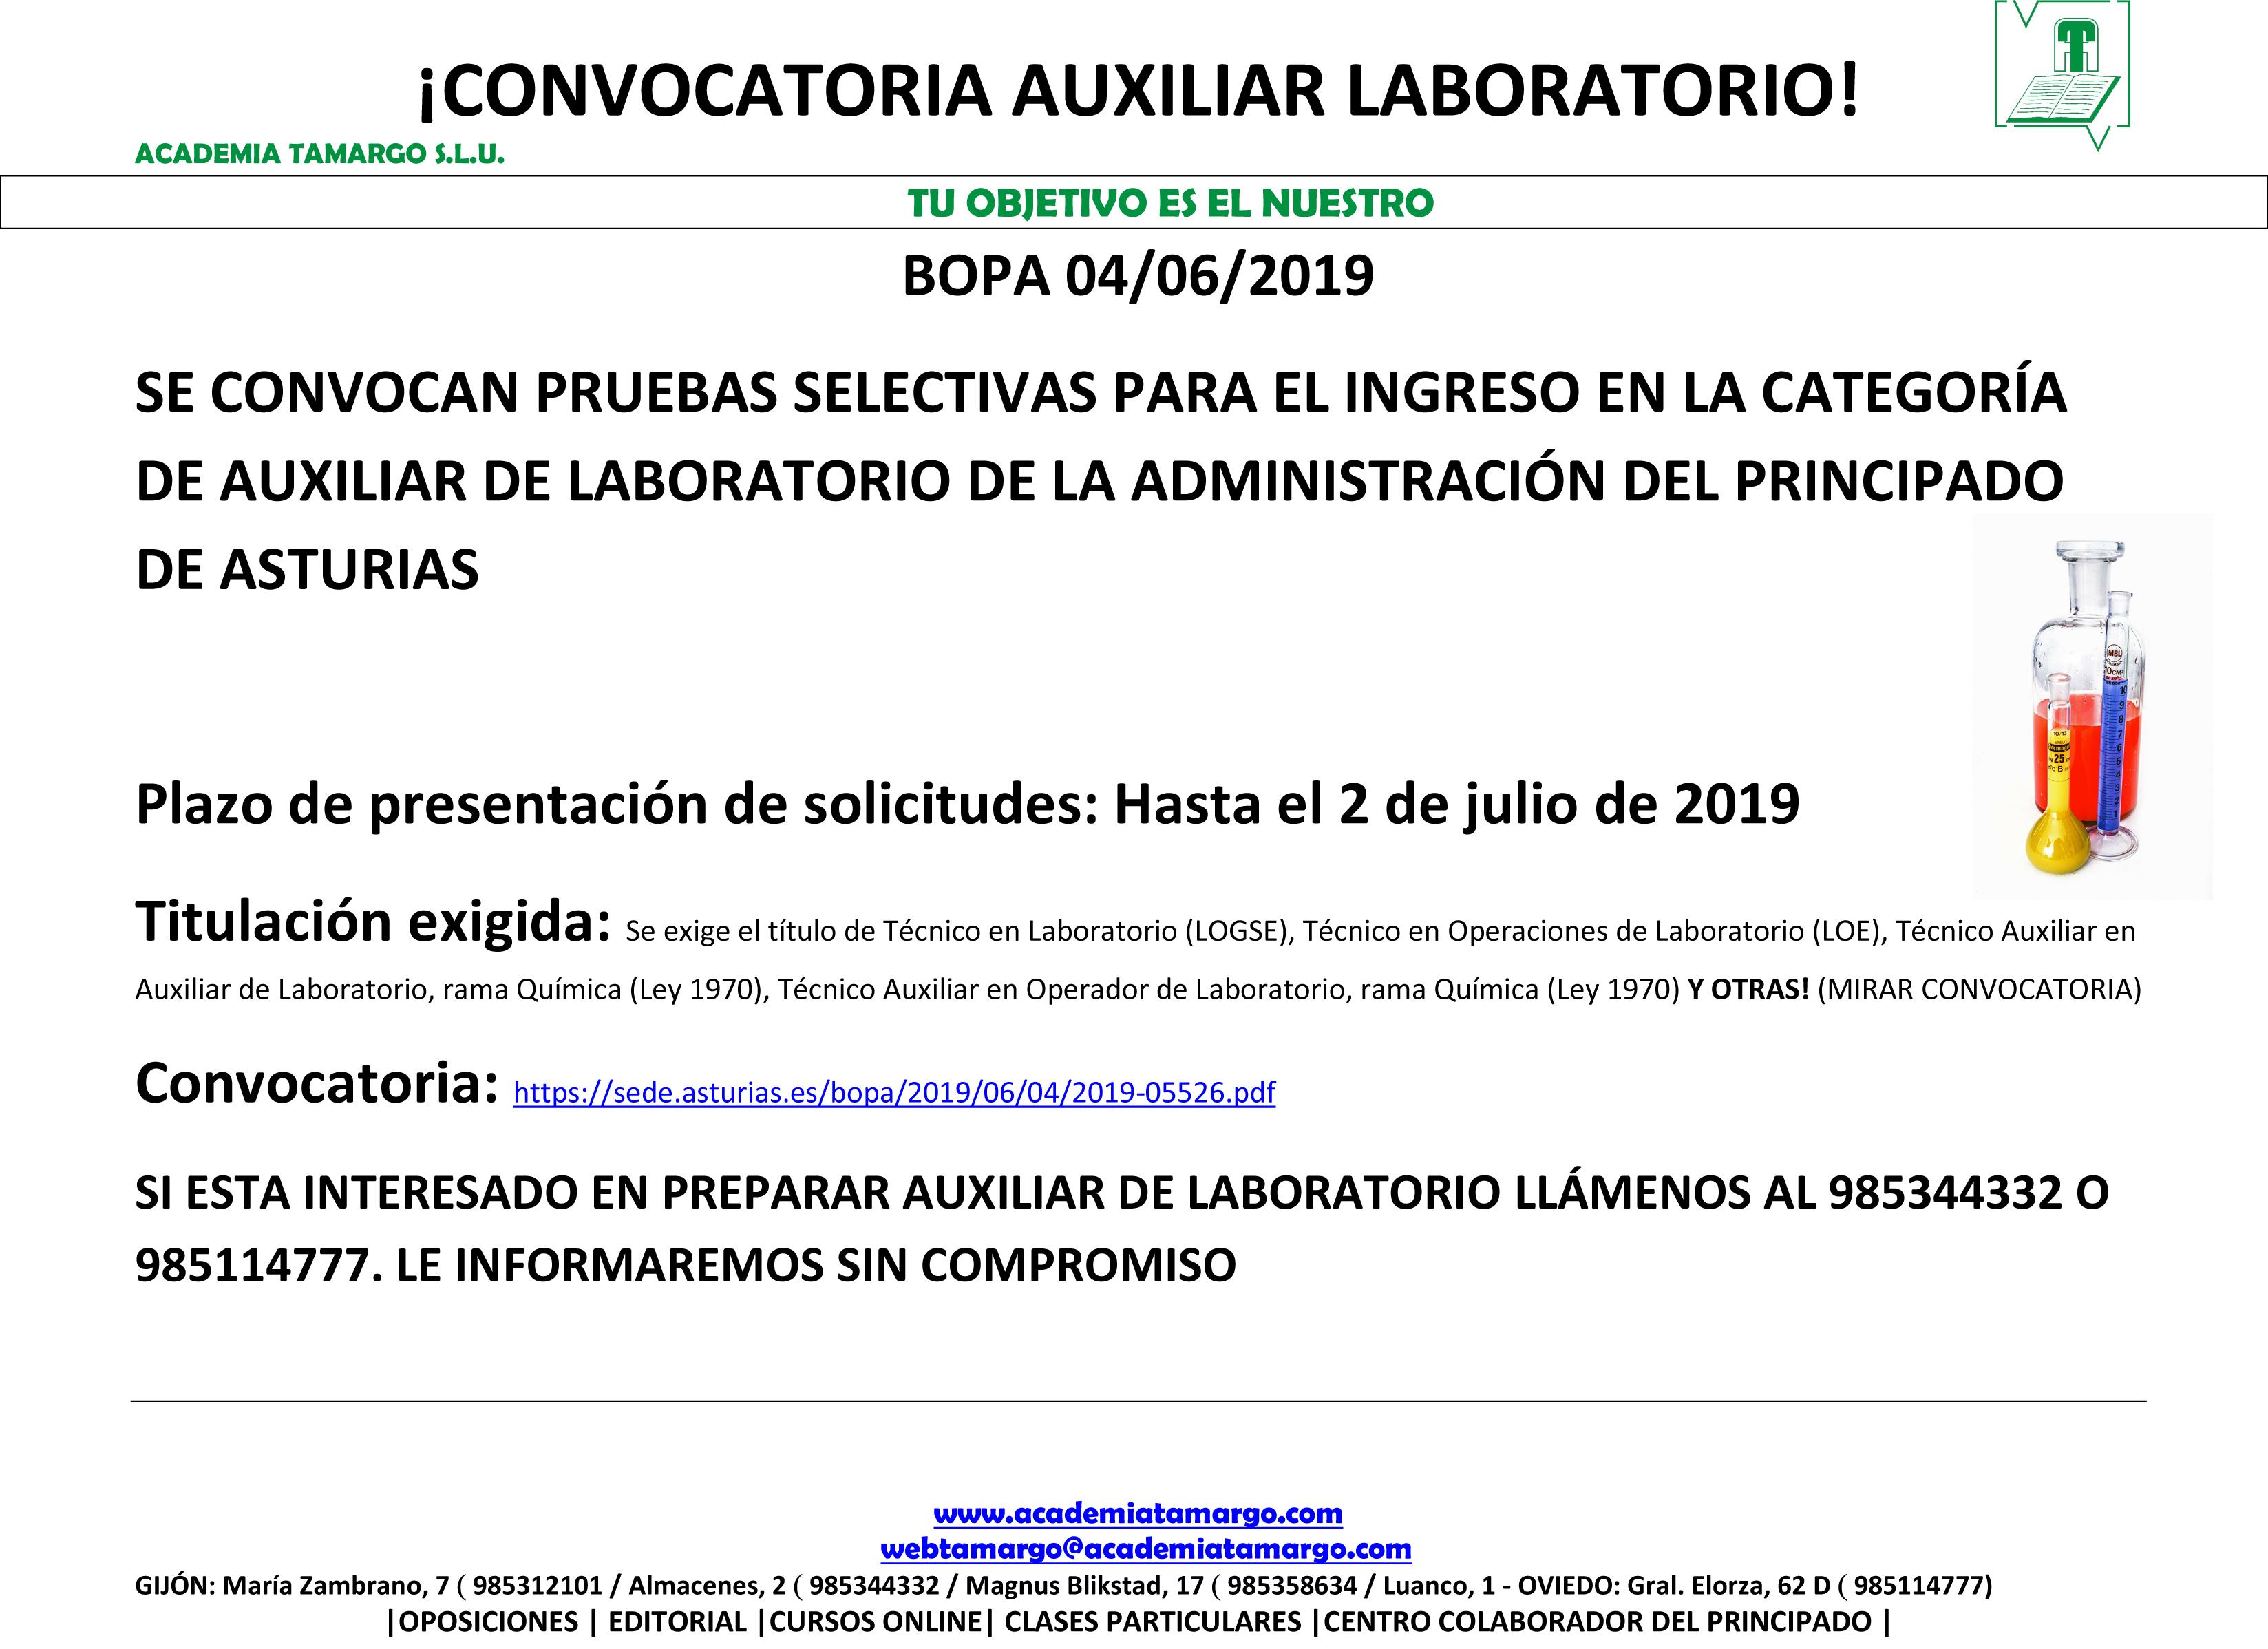 Microsoft Word – CONVOCATORIA AUXILIAR LABORATORIO.docx